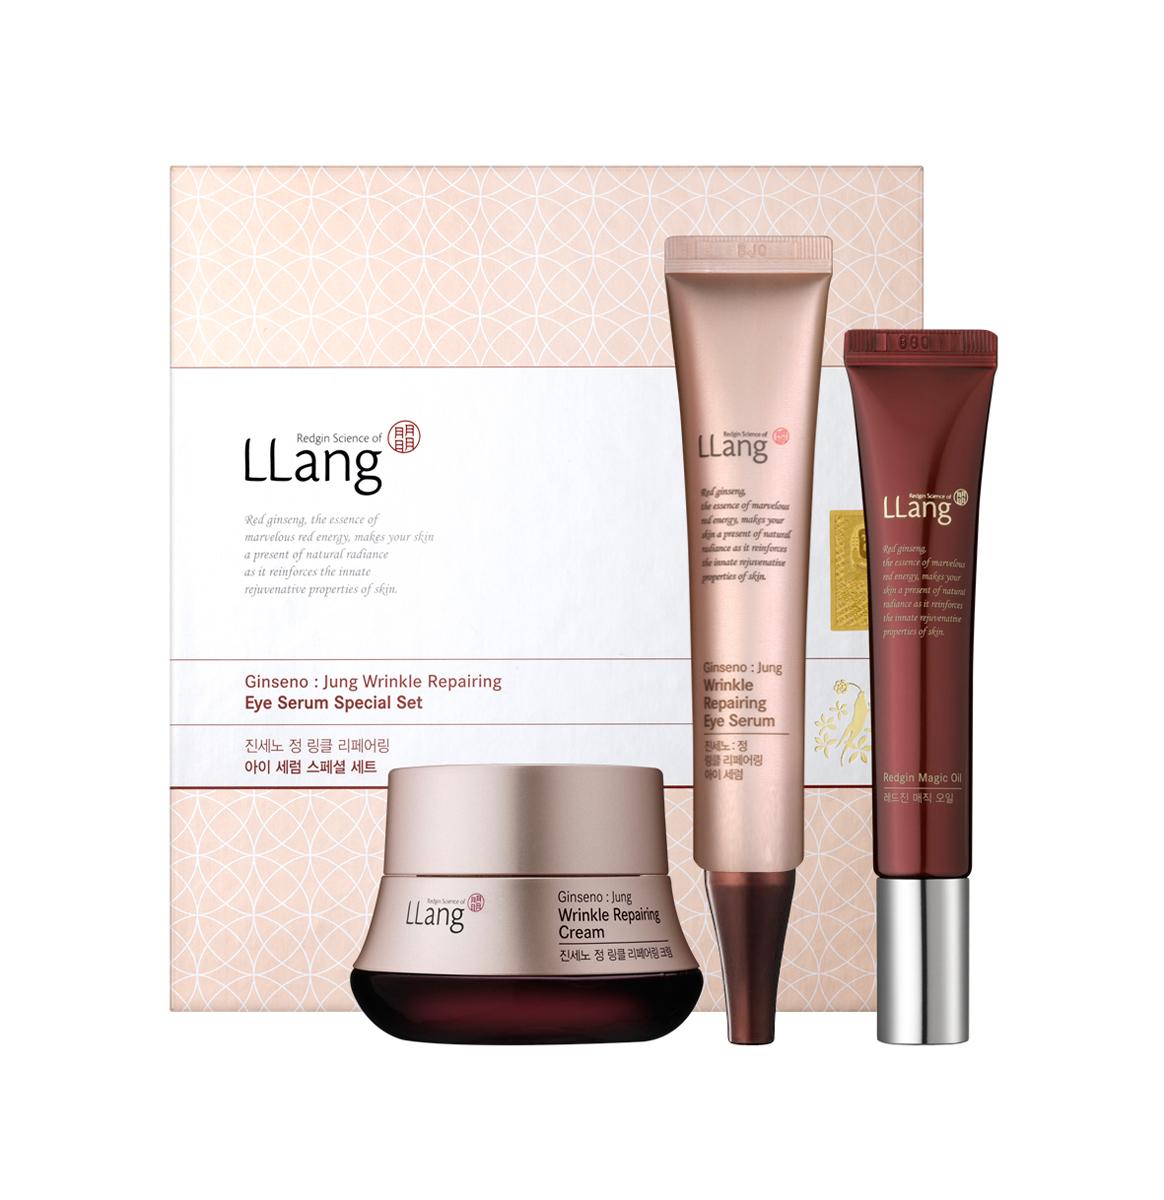 Llang Набор Крем для глаз от морщин (3ea) 25мл+30мл+15млPD001218A11. Восстанавливающий крем от морщин с женьшенем освежает уставшую кожу и делает её эластичной и упругой. Насыщенная текстура легко впитывается и придаёт коже здоровое сияние. 2. Средсво для глубоко питания увлажнения сухой кожи лица содержит экстракт и масло красного женьшеня, которые быстро успокаивают кожу, сохраняя ее влажной и мягкой. Может быть использовано универсально, помогает достичь максимальных результатов. 3. Сыворотка от морщин вокруг глаз.Активные компоненты красного женьшеня быстро впитываются в чувствительные участки кожи вокруг глаз,увлажняя,укрепляя и сохраняя её упругость.